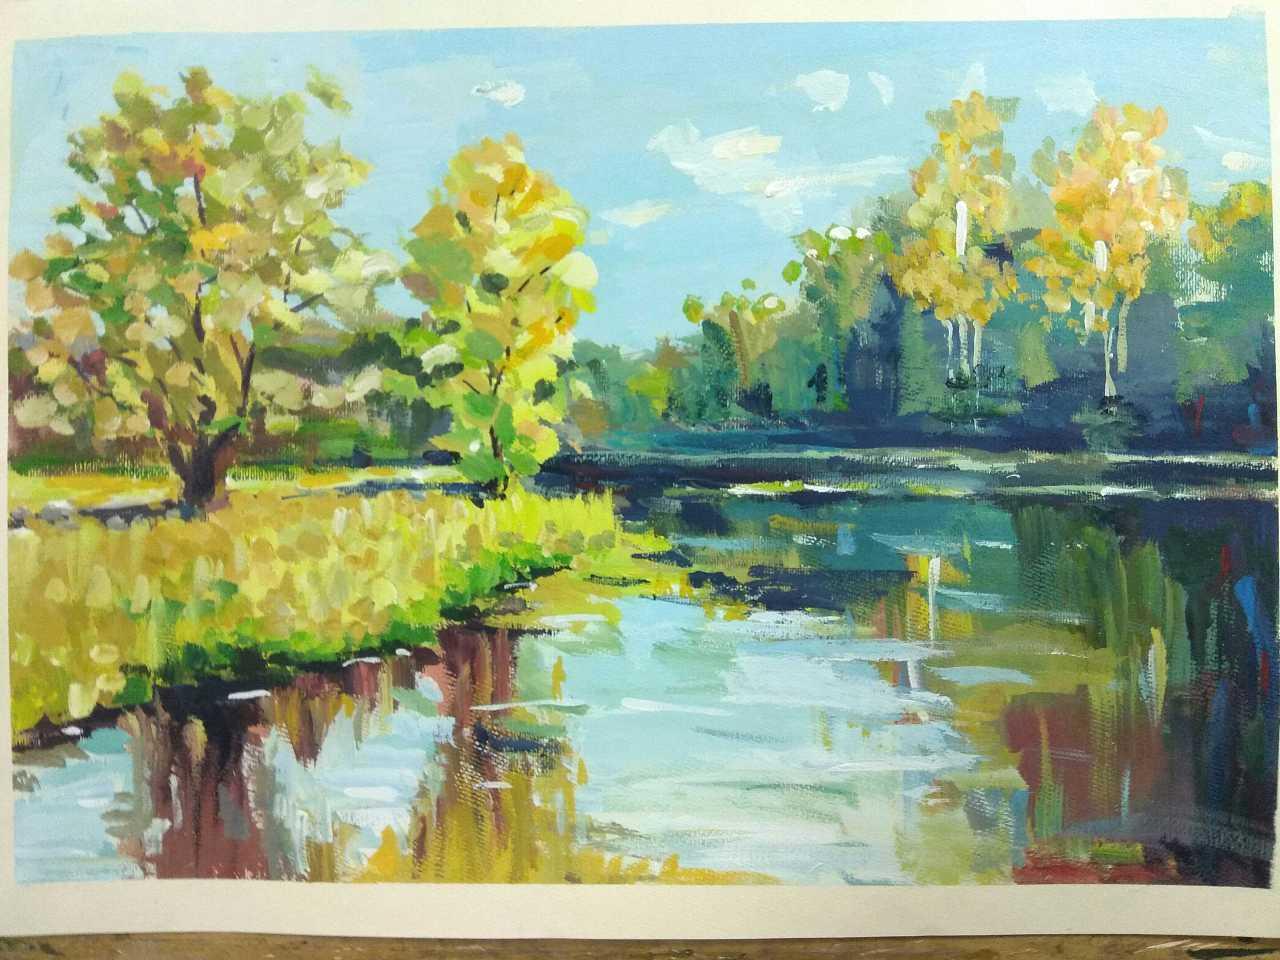 水粉风景画临摹囹�a_水粉风景|其他|墙绘/立体画|小豆豆瓣儿 - 原创作品